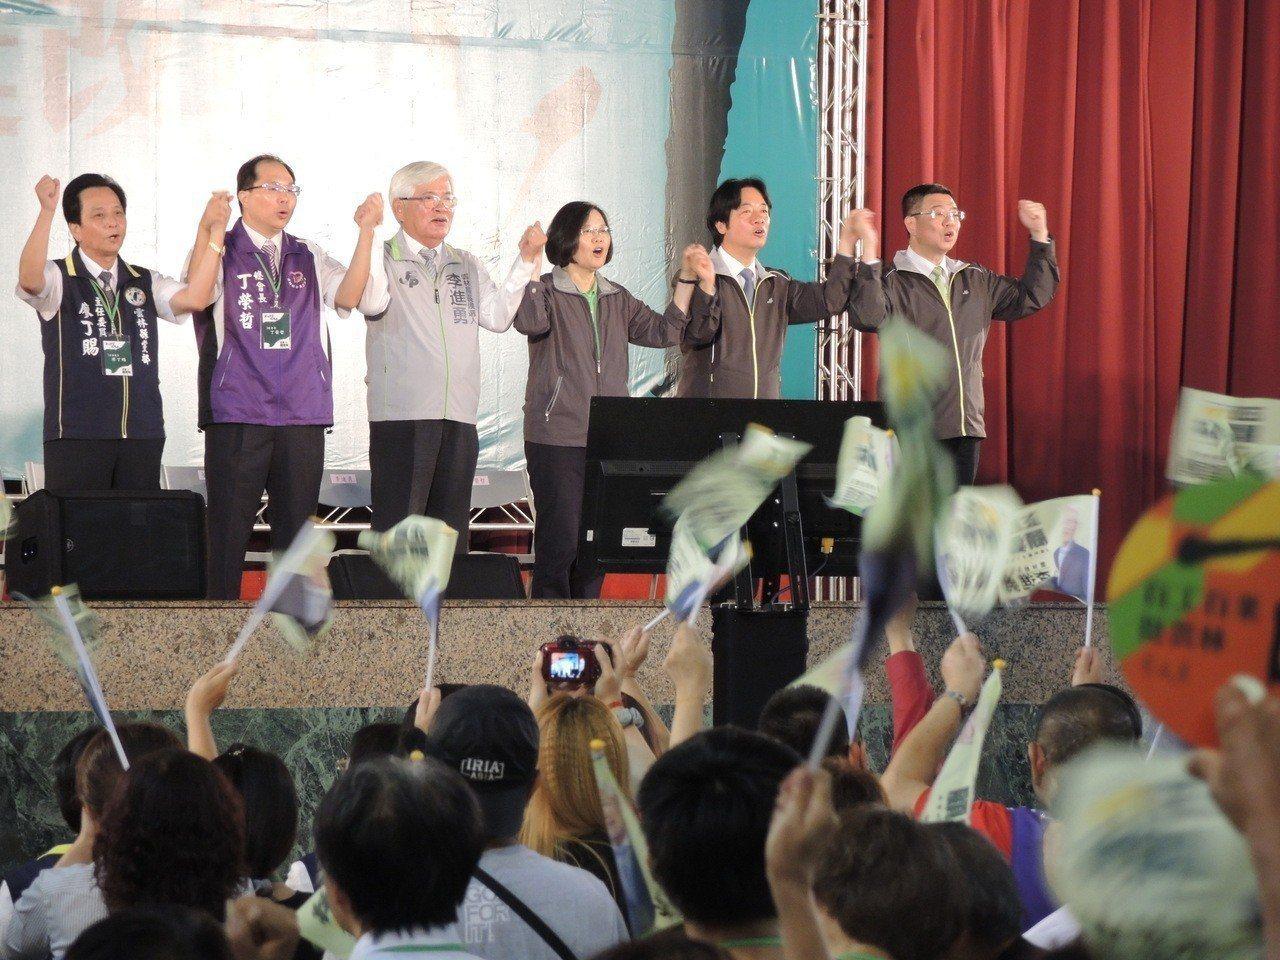 民進黨中央執政成績欠佳,民意出現藍綠大翻轉現象。 圖/聯合報系資料照片